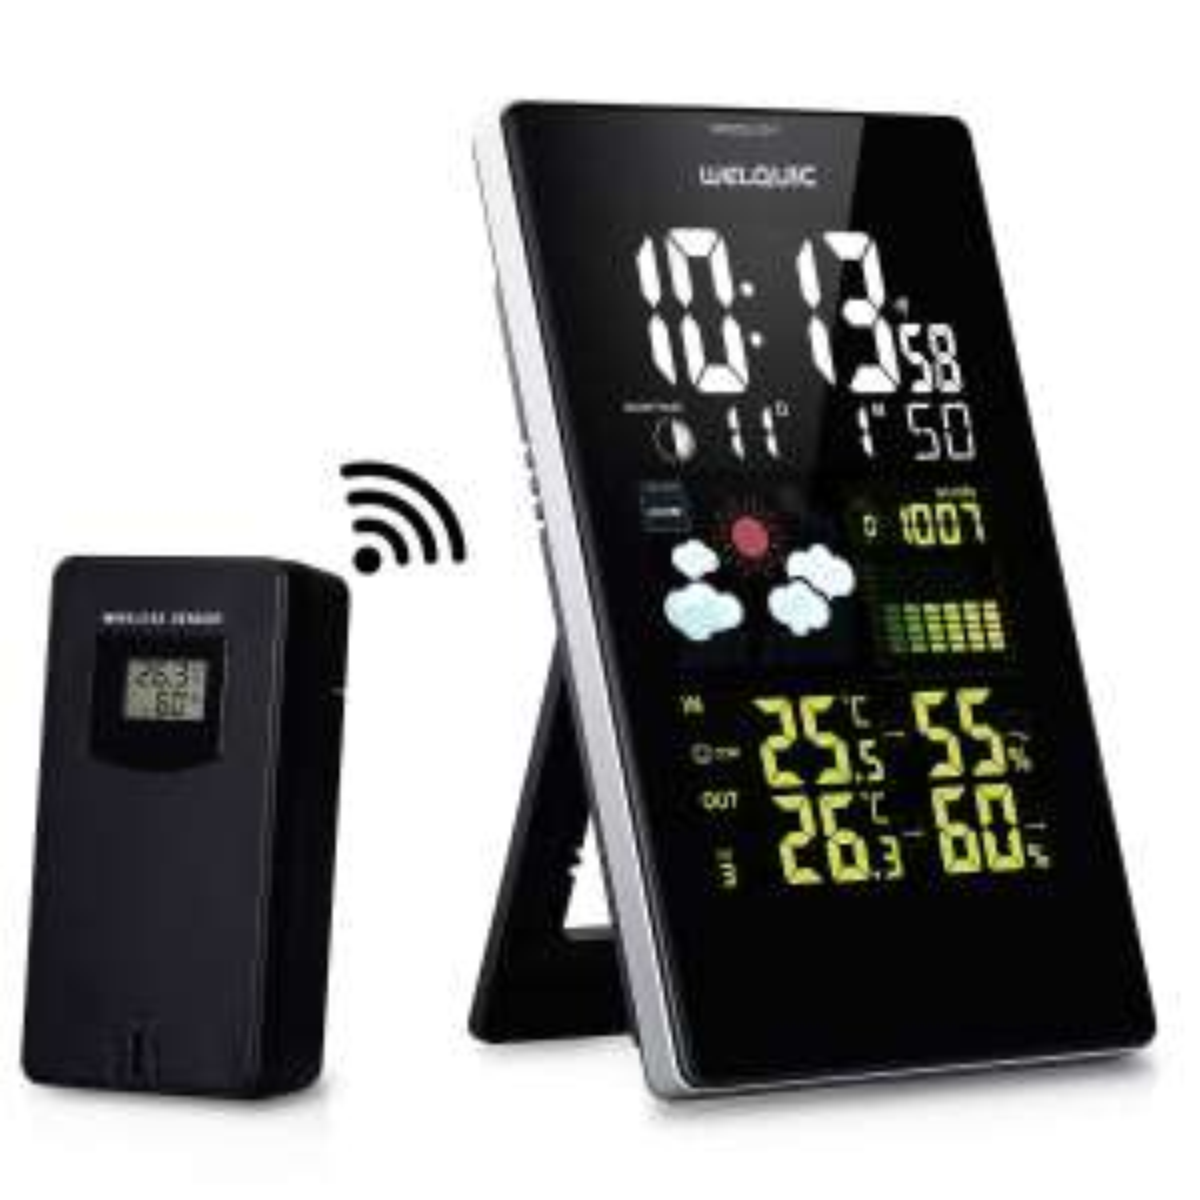 Amazon: WELQUIC digitale Funk-Wetterstation mit LCD Farbdisplay mit Innen- und Außentemperaturanzeige für 25,89 € statt 36,99 €